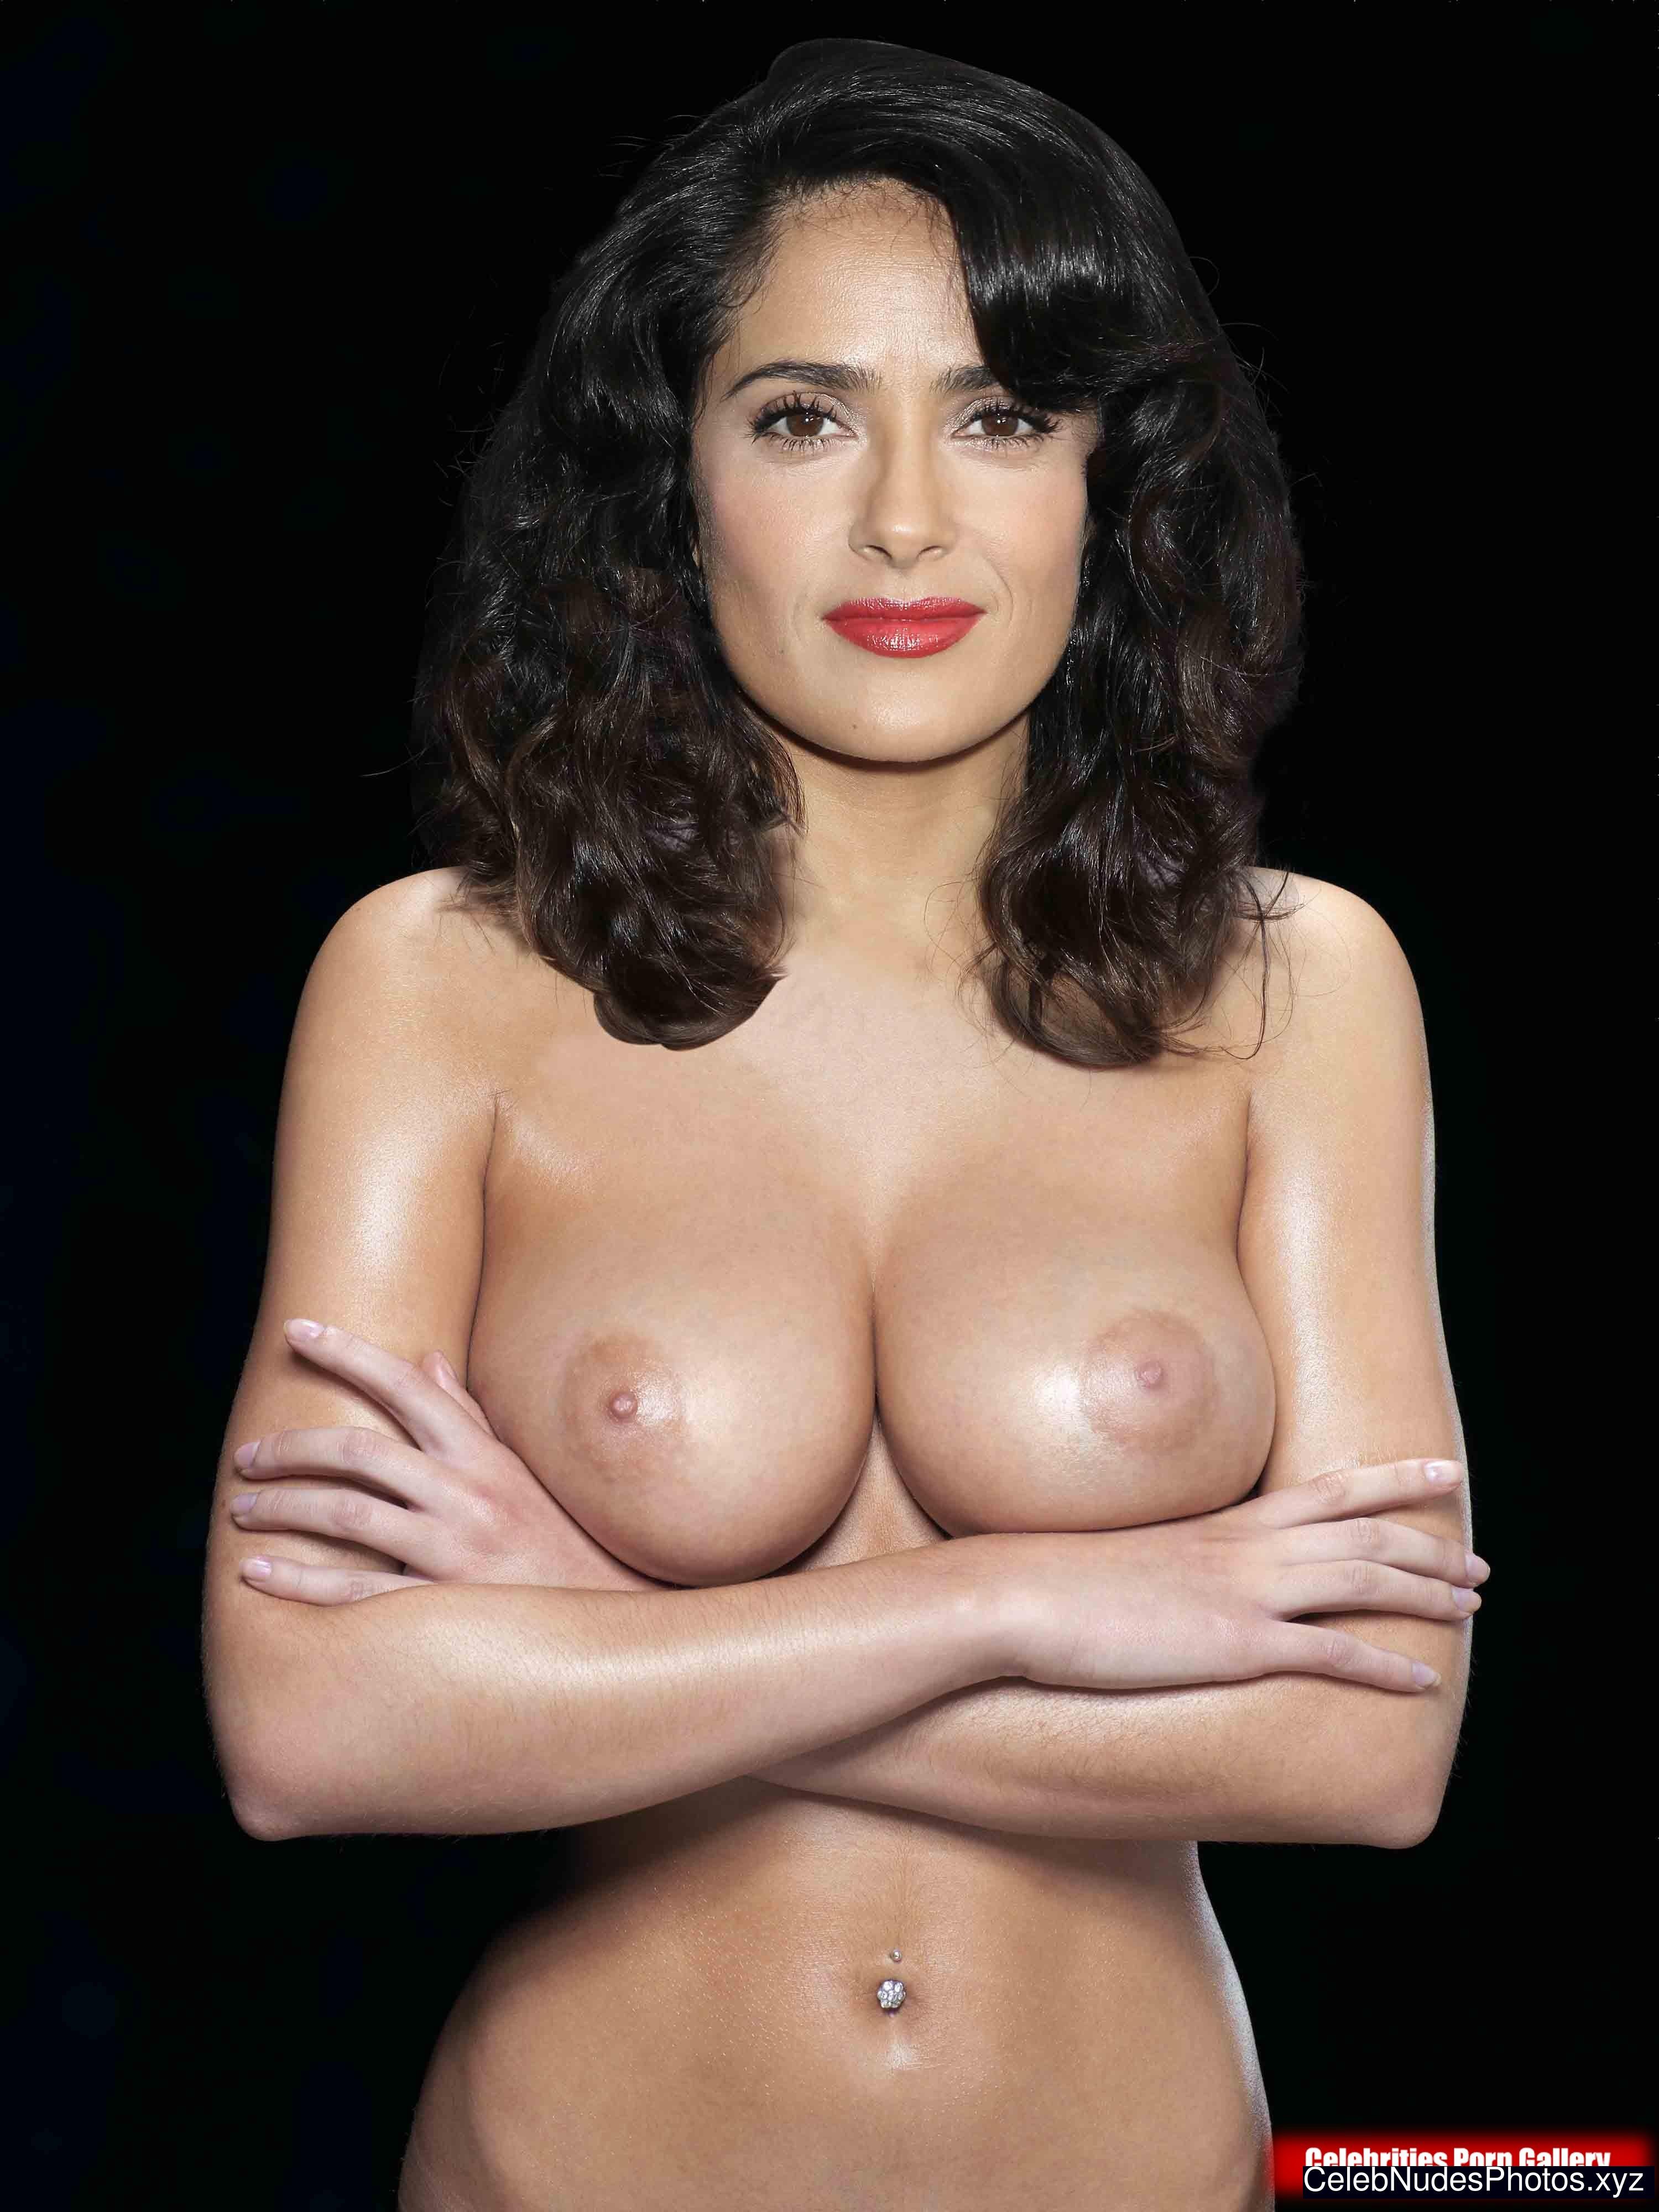 Salma Hayek Nude Celeb Pic sexy 23